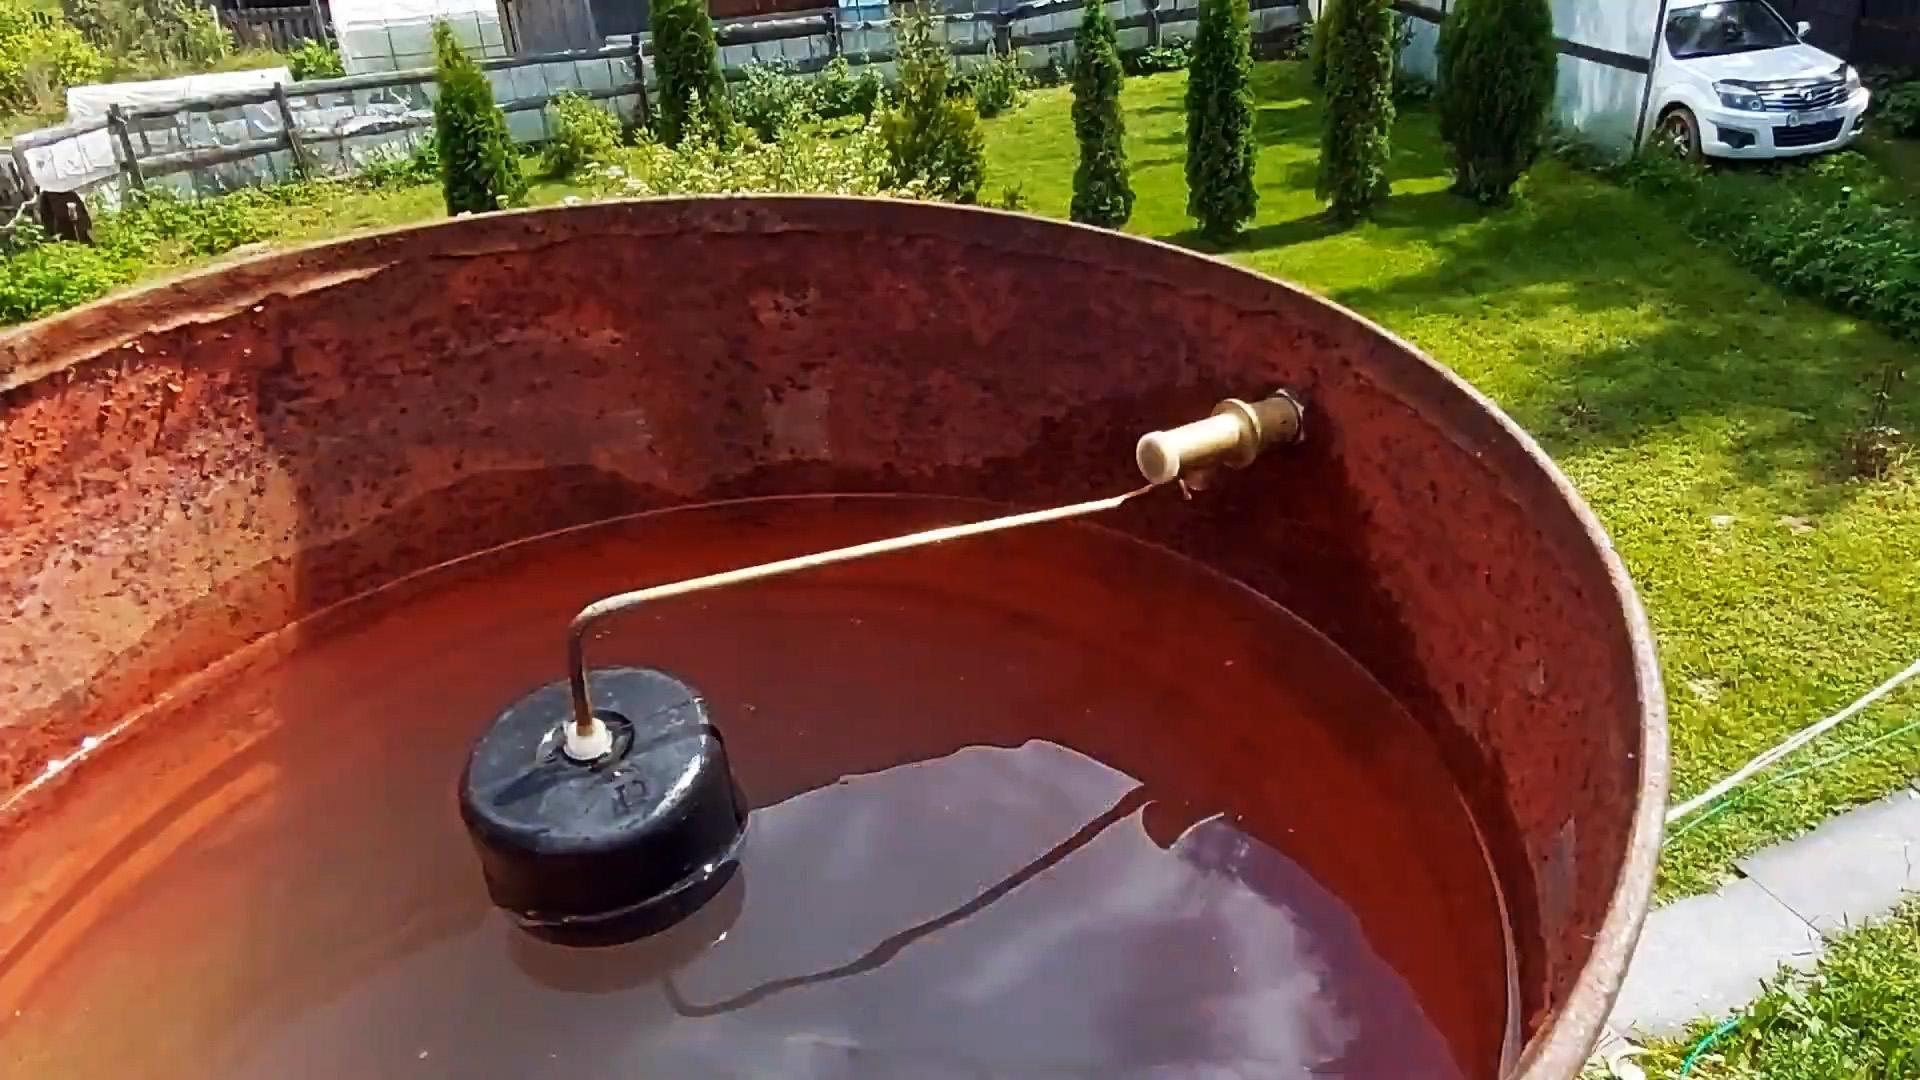 Элементарный способ сделать автоматическую подачу воды в емкость для душа или полива